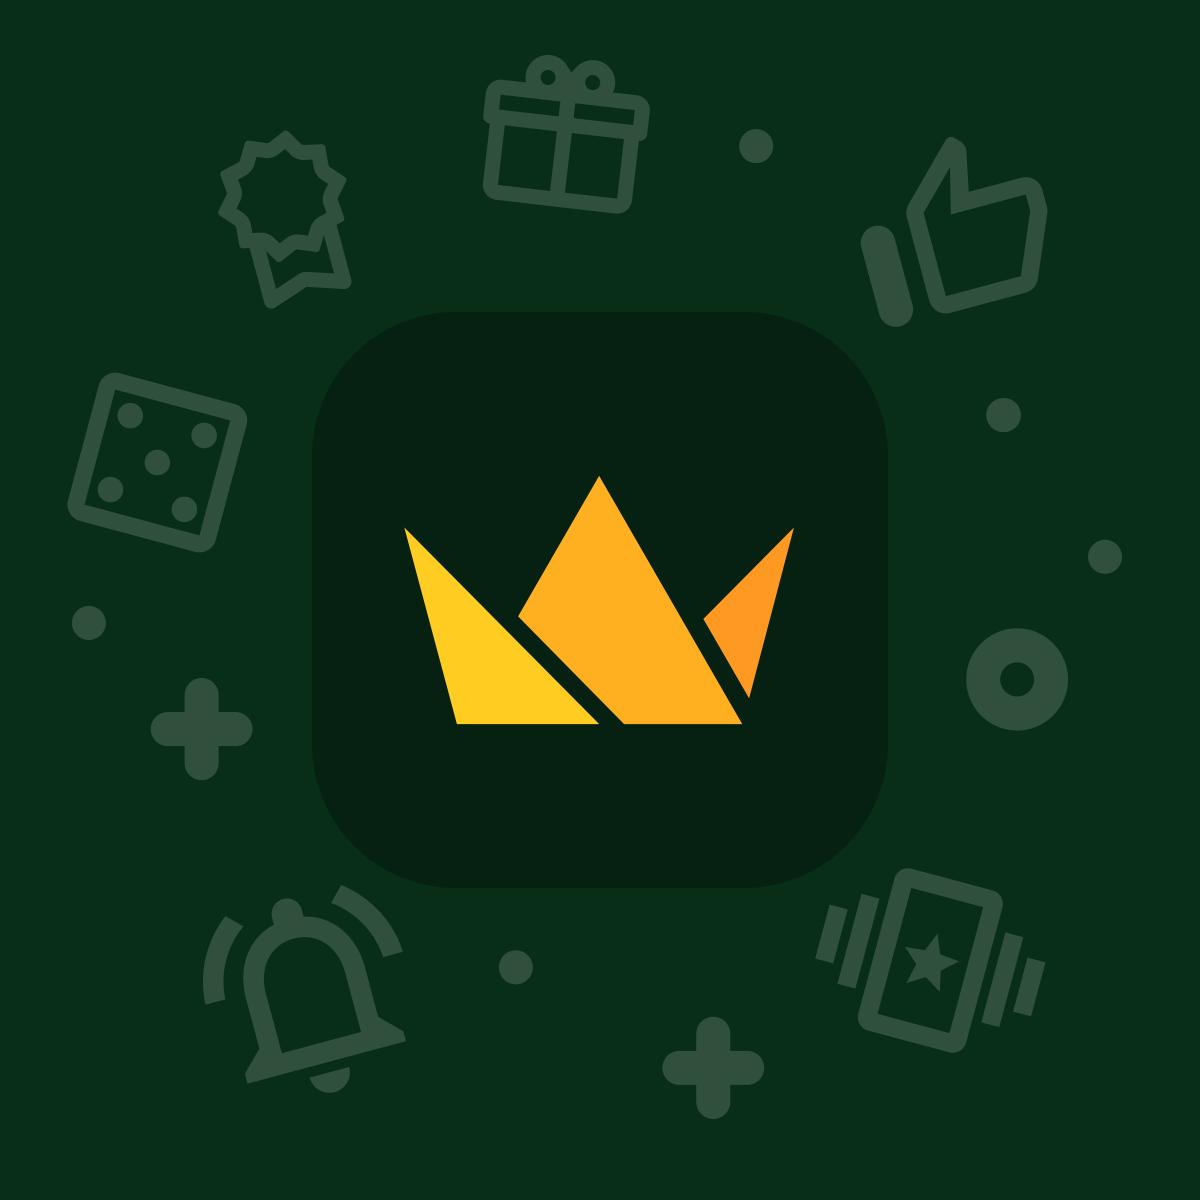 Mobilcasino utan registrering kortspel